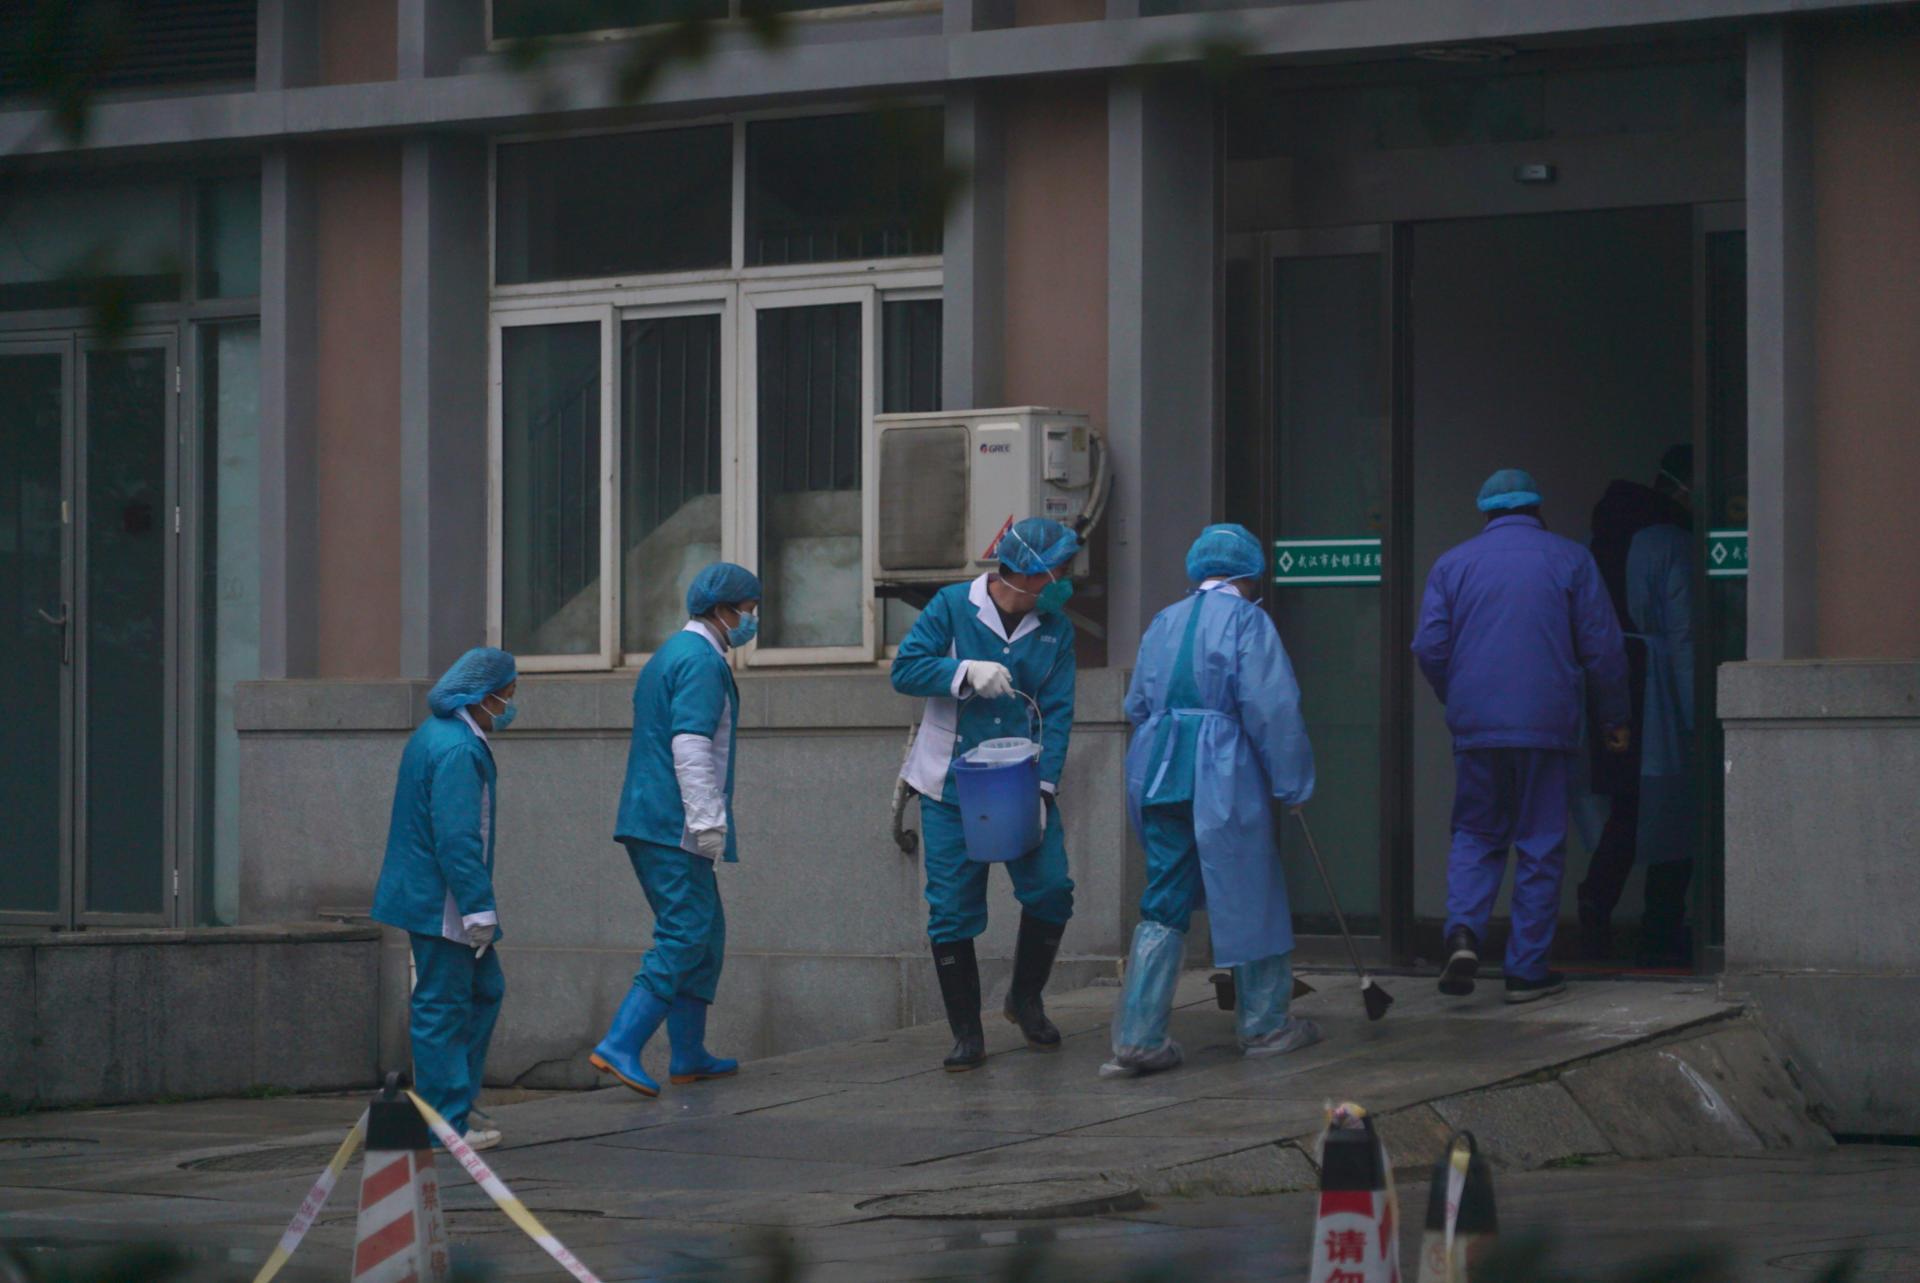 Des employés de l'hôpital nettoient l'entrée des urgences, à Wuhan,le 22 janvier